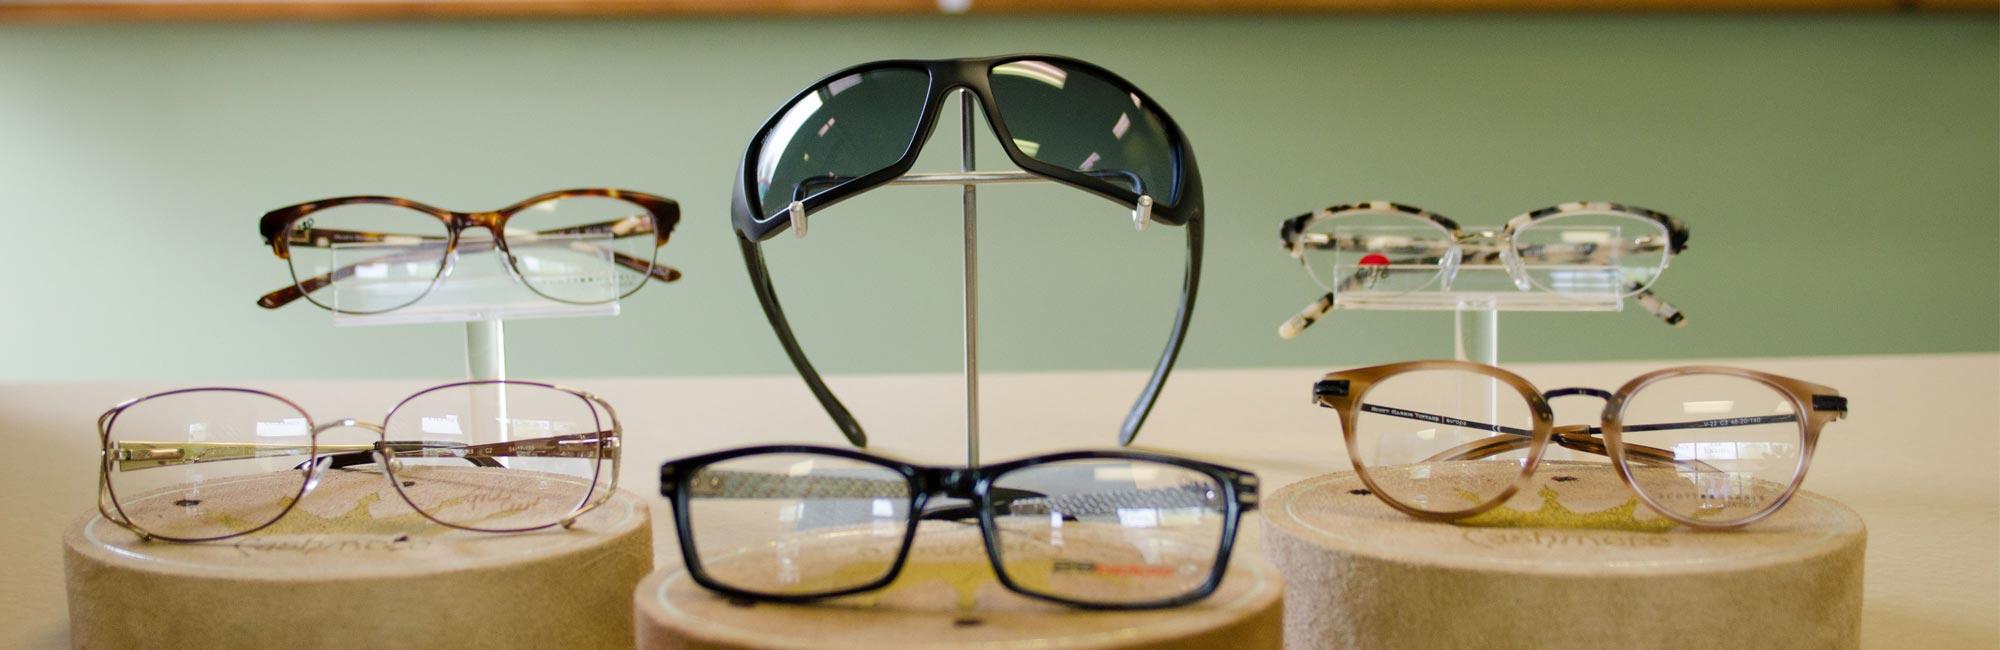 Asheville Eyeglasses